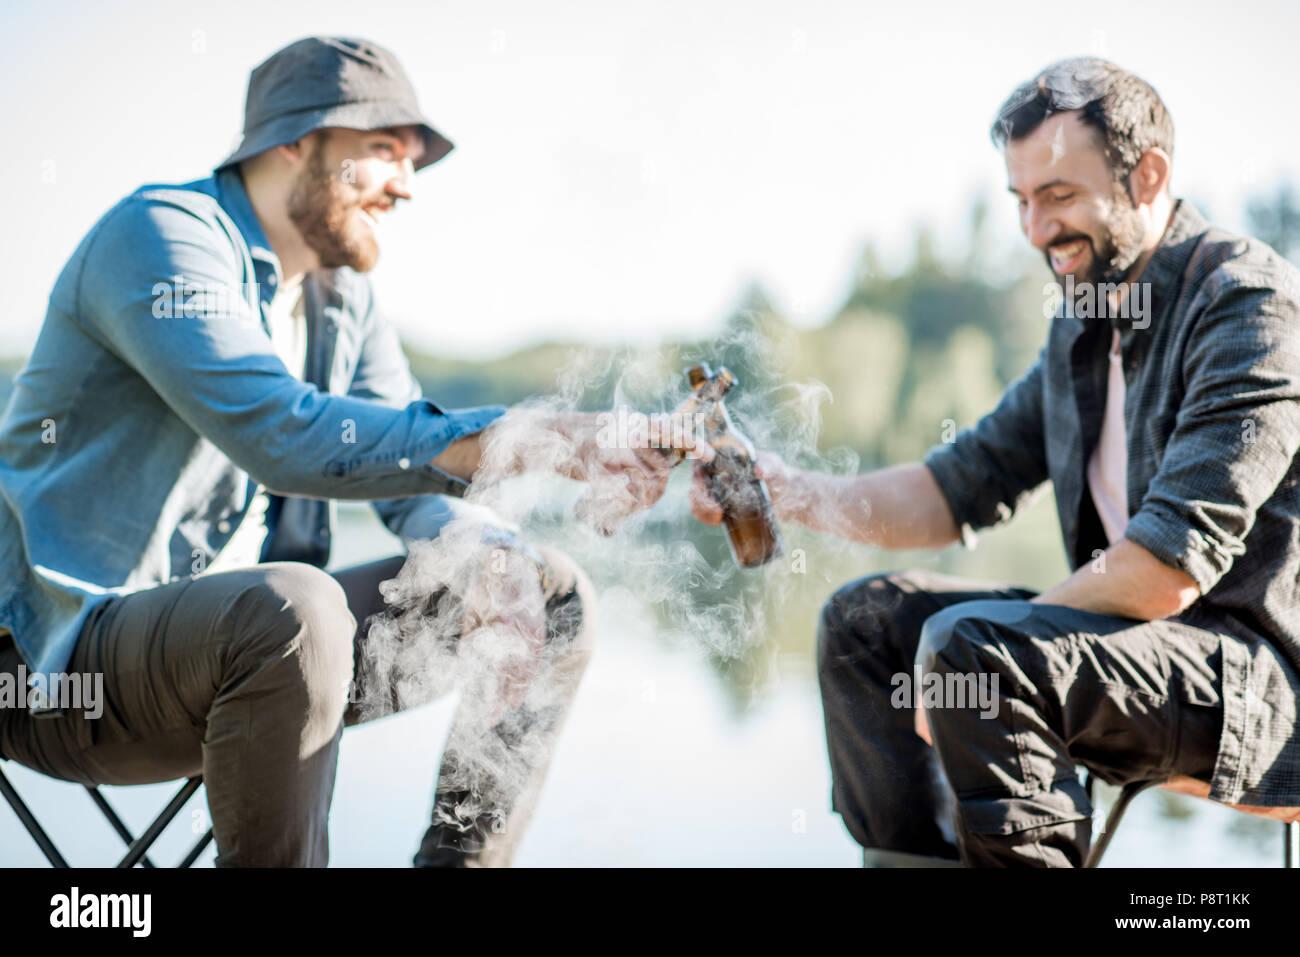 Dos pescadores freír pescado sentados con cerveza durante el picnic en el muelle de madera cerca del lago en la mañana Imagen De Stock